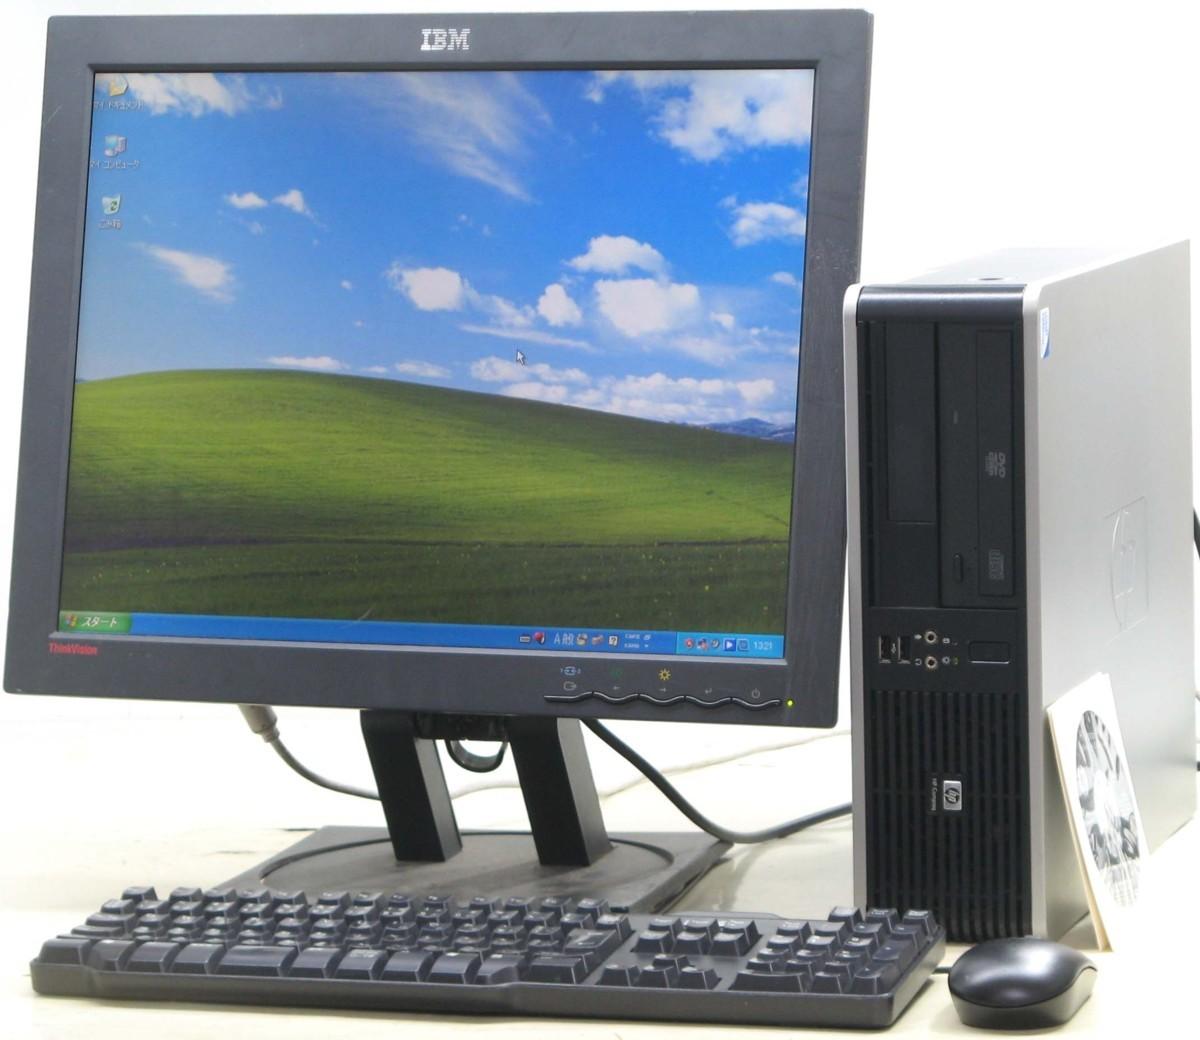 【爆売り!】 デスクトップパソコン HP SFF-450 Compaq dc5800 SFF-450 20液晶セット デスクトップパソコン ヒューレットパッカード WindowsXP パソコン HP PC, 南幌町:c35e85ae --- delipanzapatoca.com